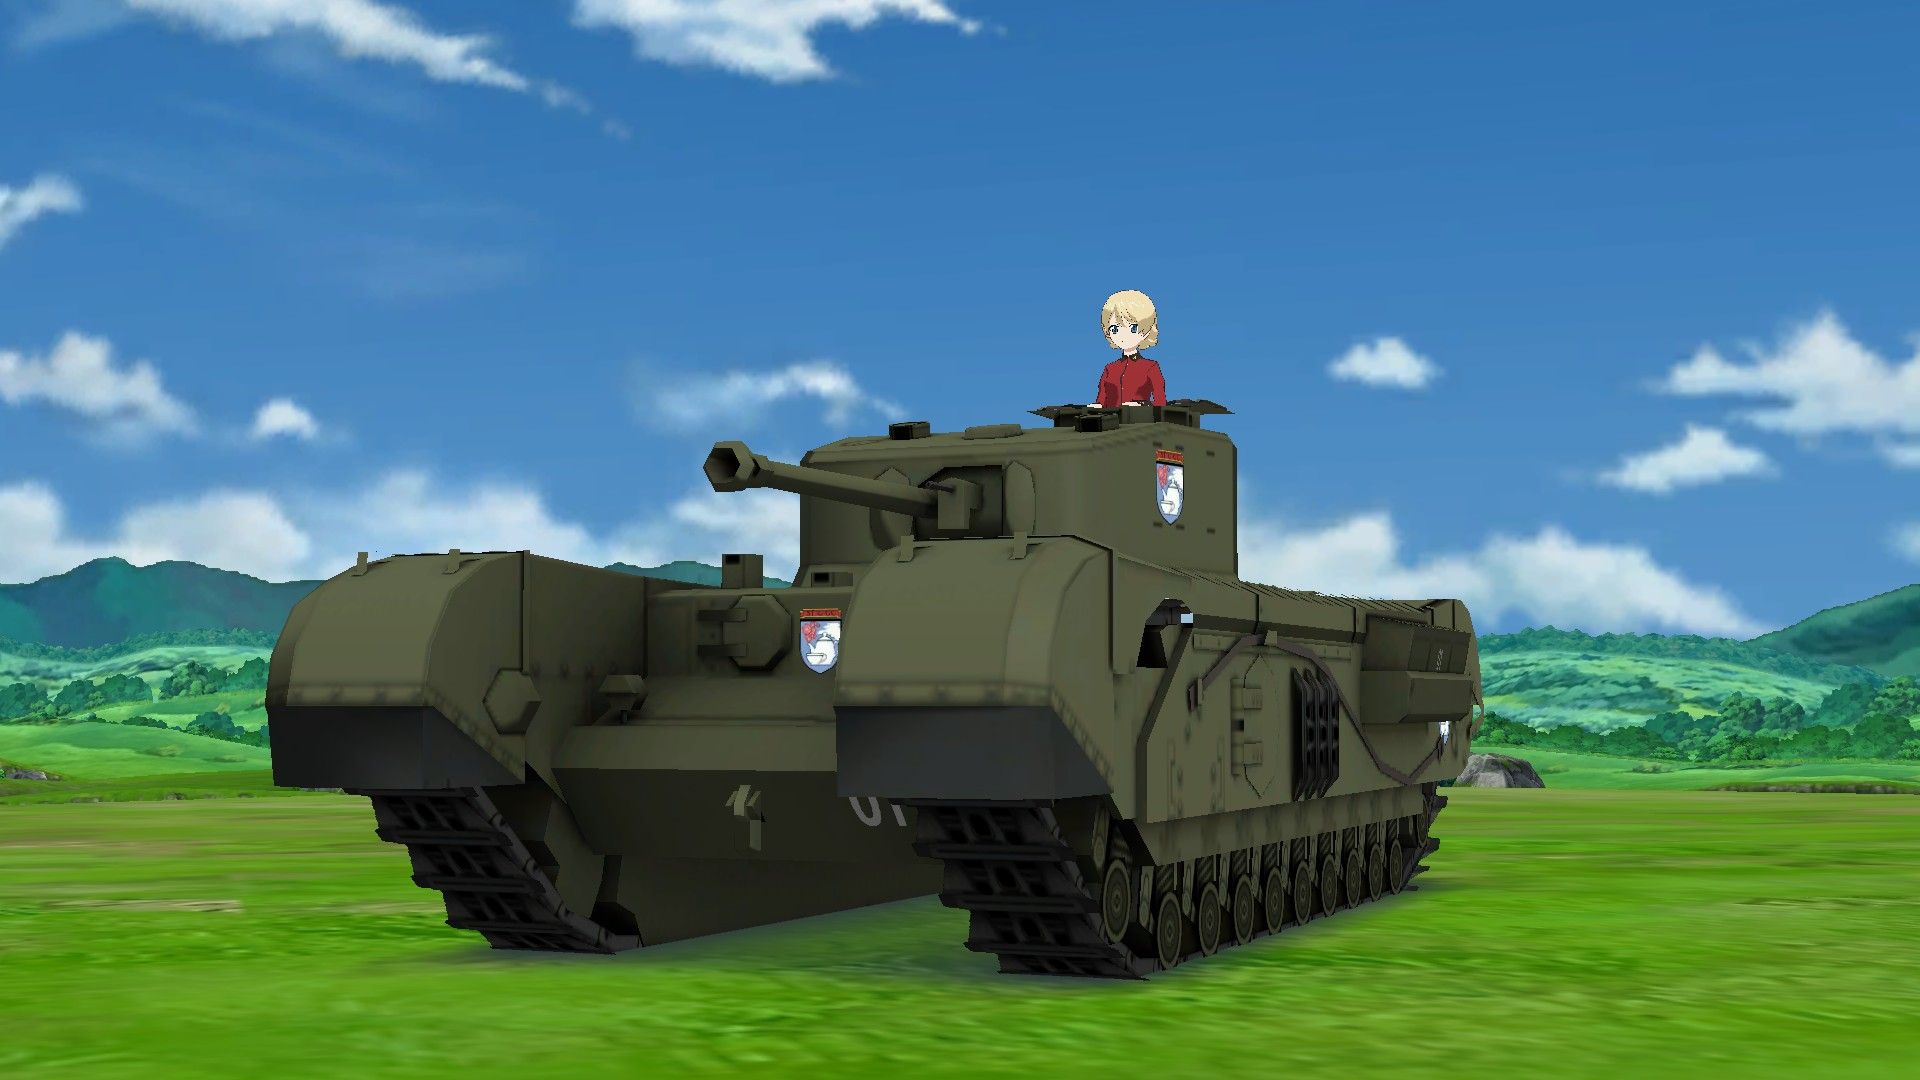 画像集 011 ガールズ パンツァー 戦車道 極めます ストーリーモードはミッションクリア型